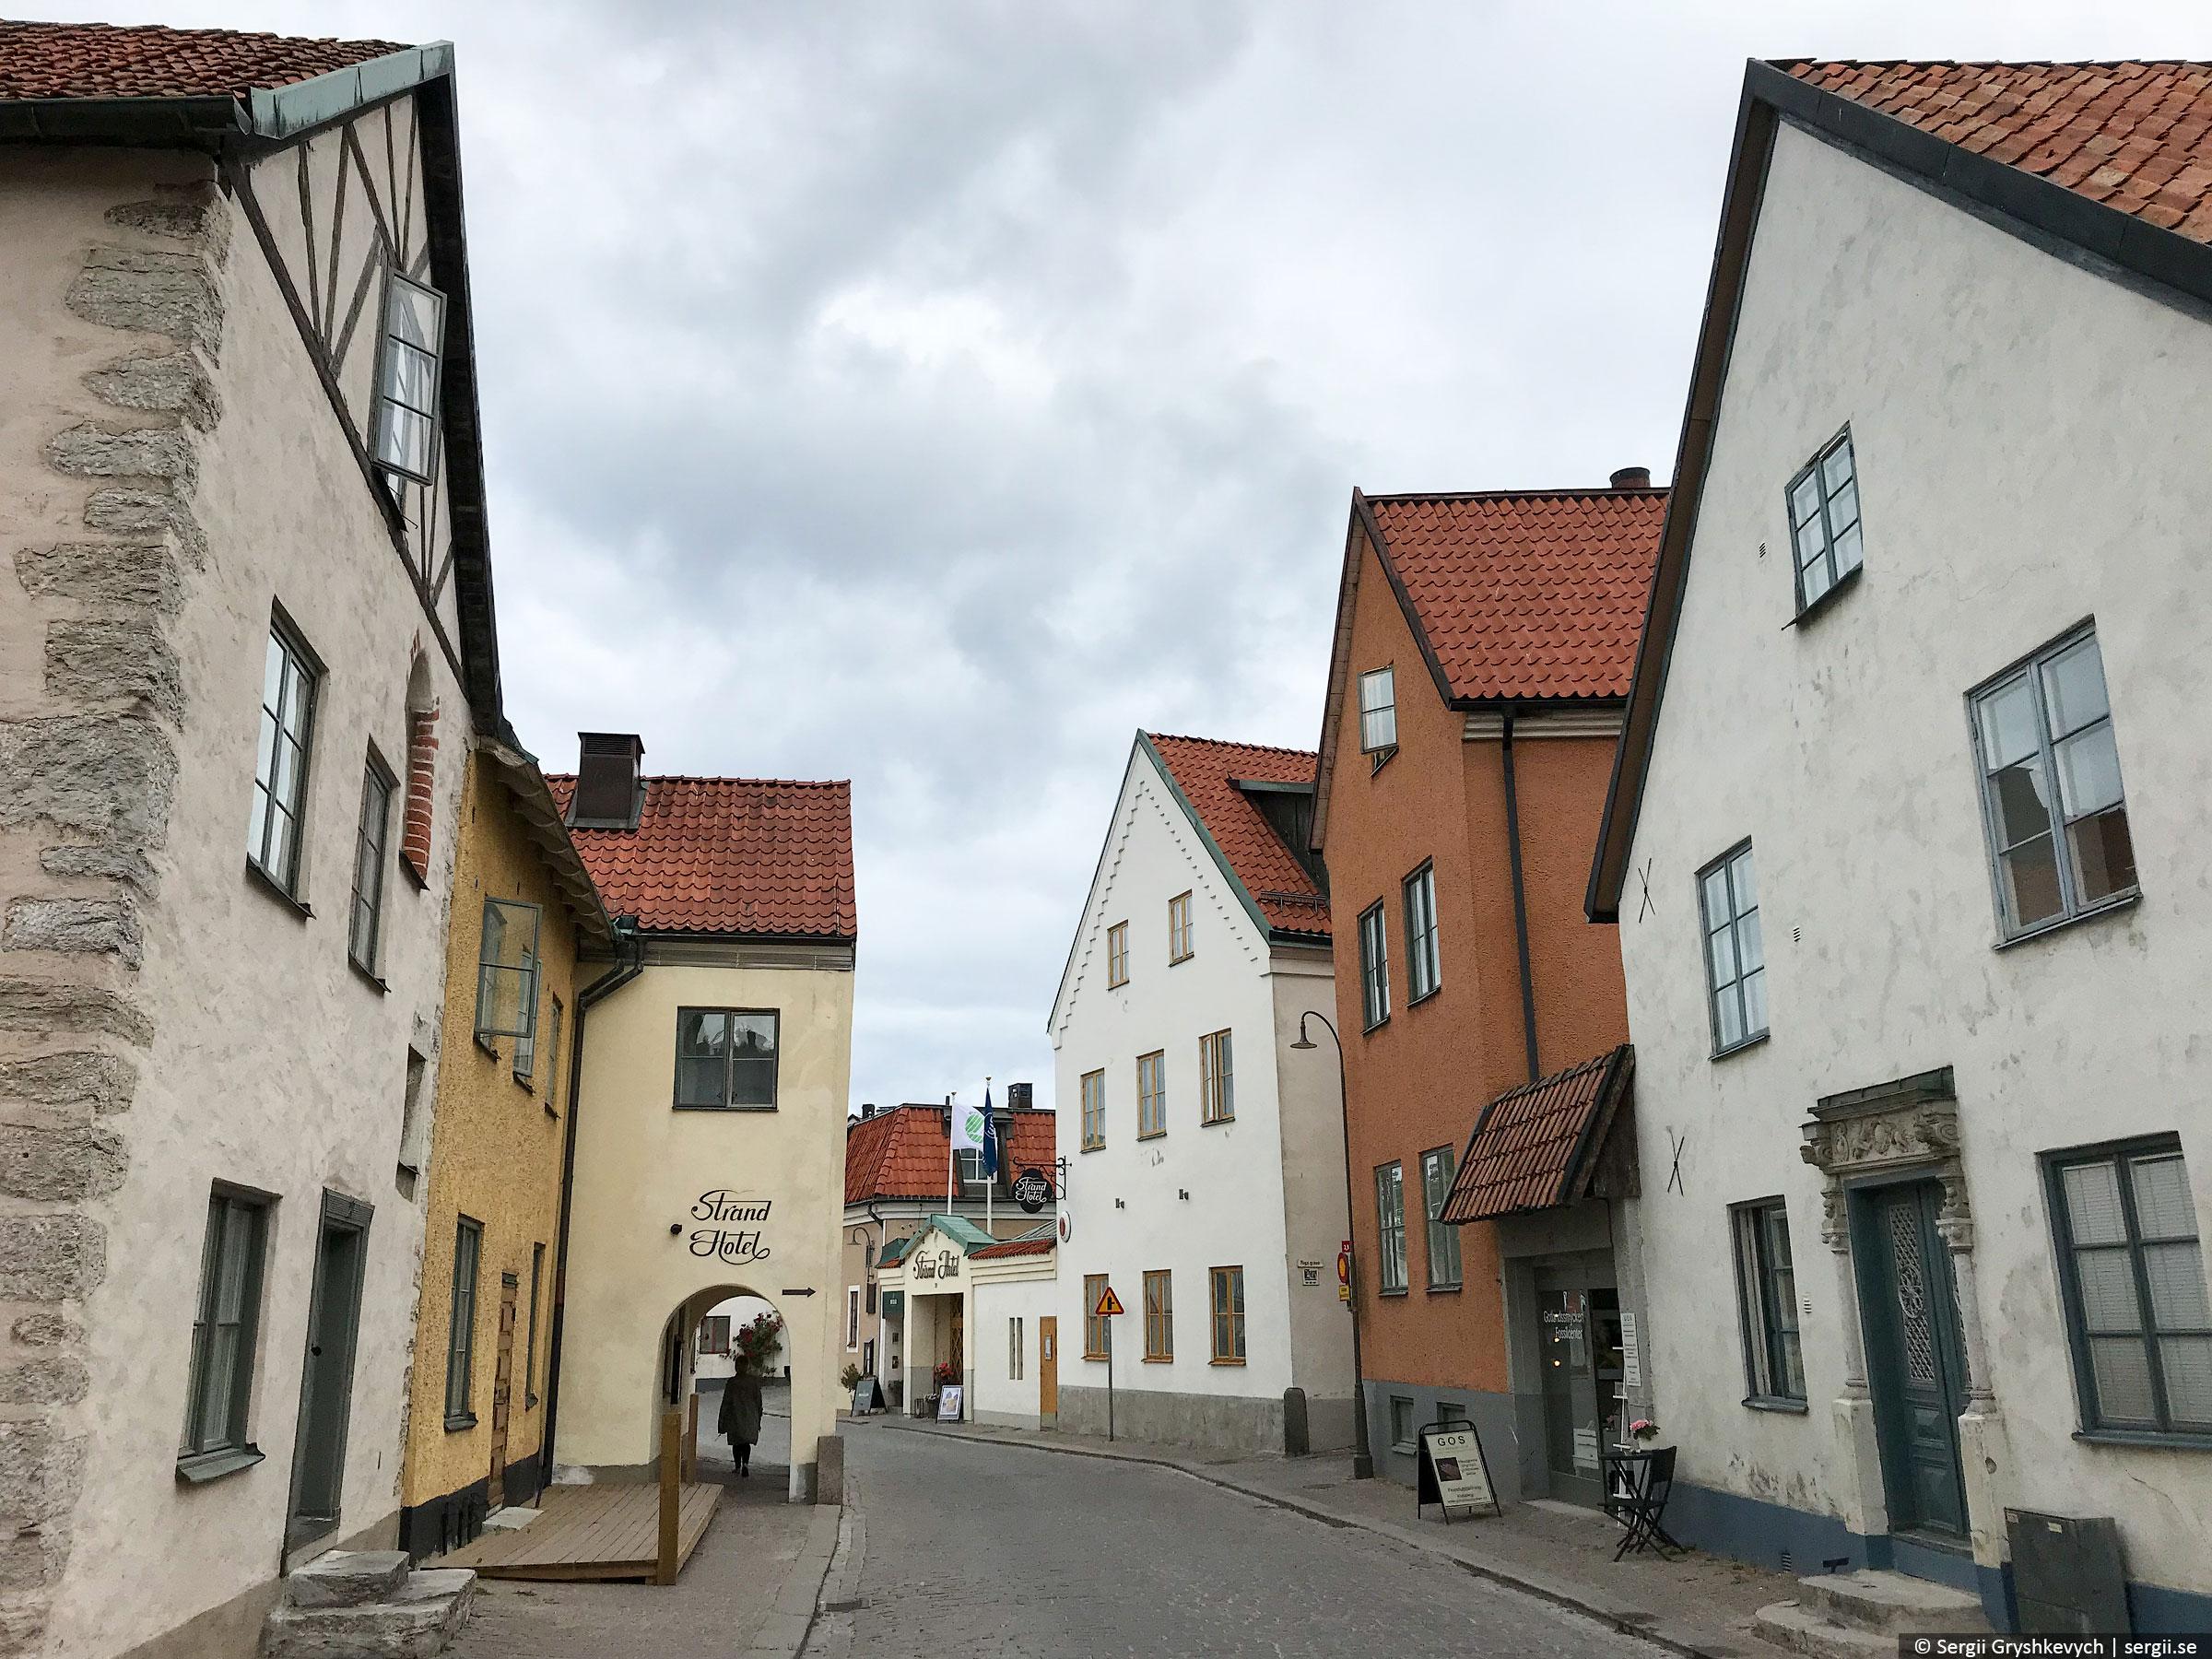 gotland-visby-sweden-2018-20